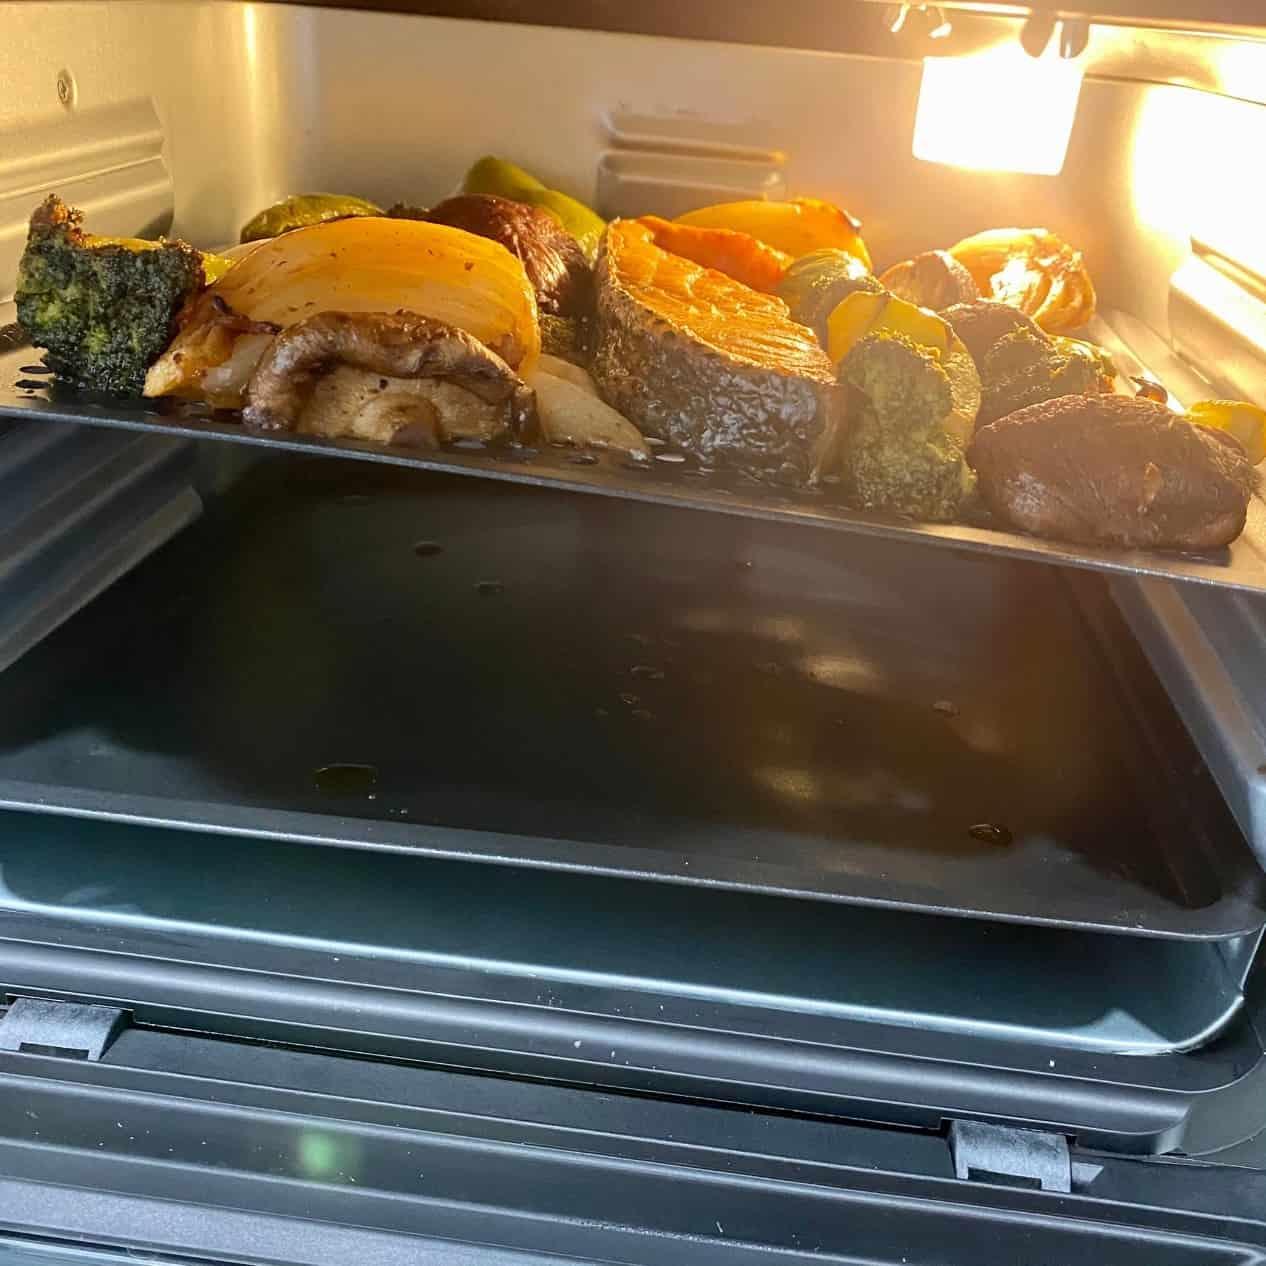 AF-1210BA 多功能氣炸烤箱-生鮭魚與配菜